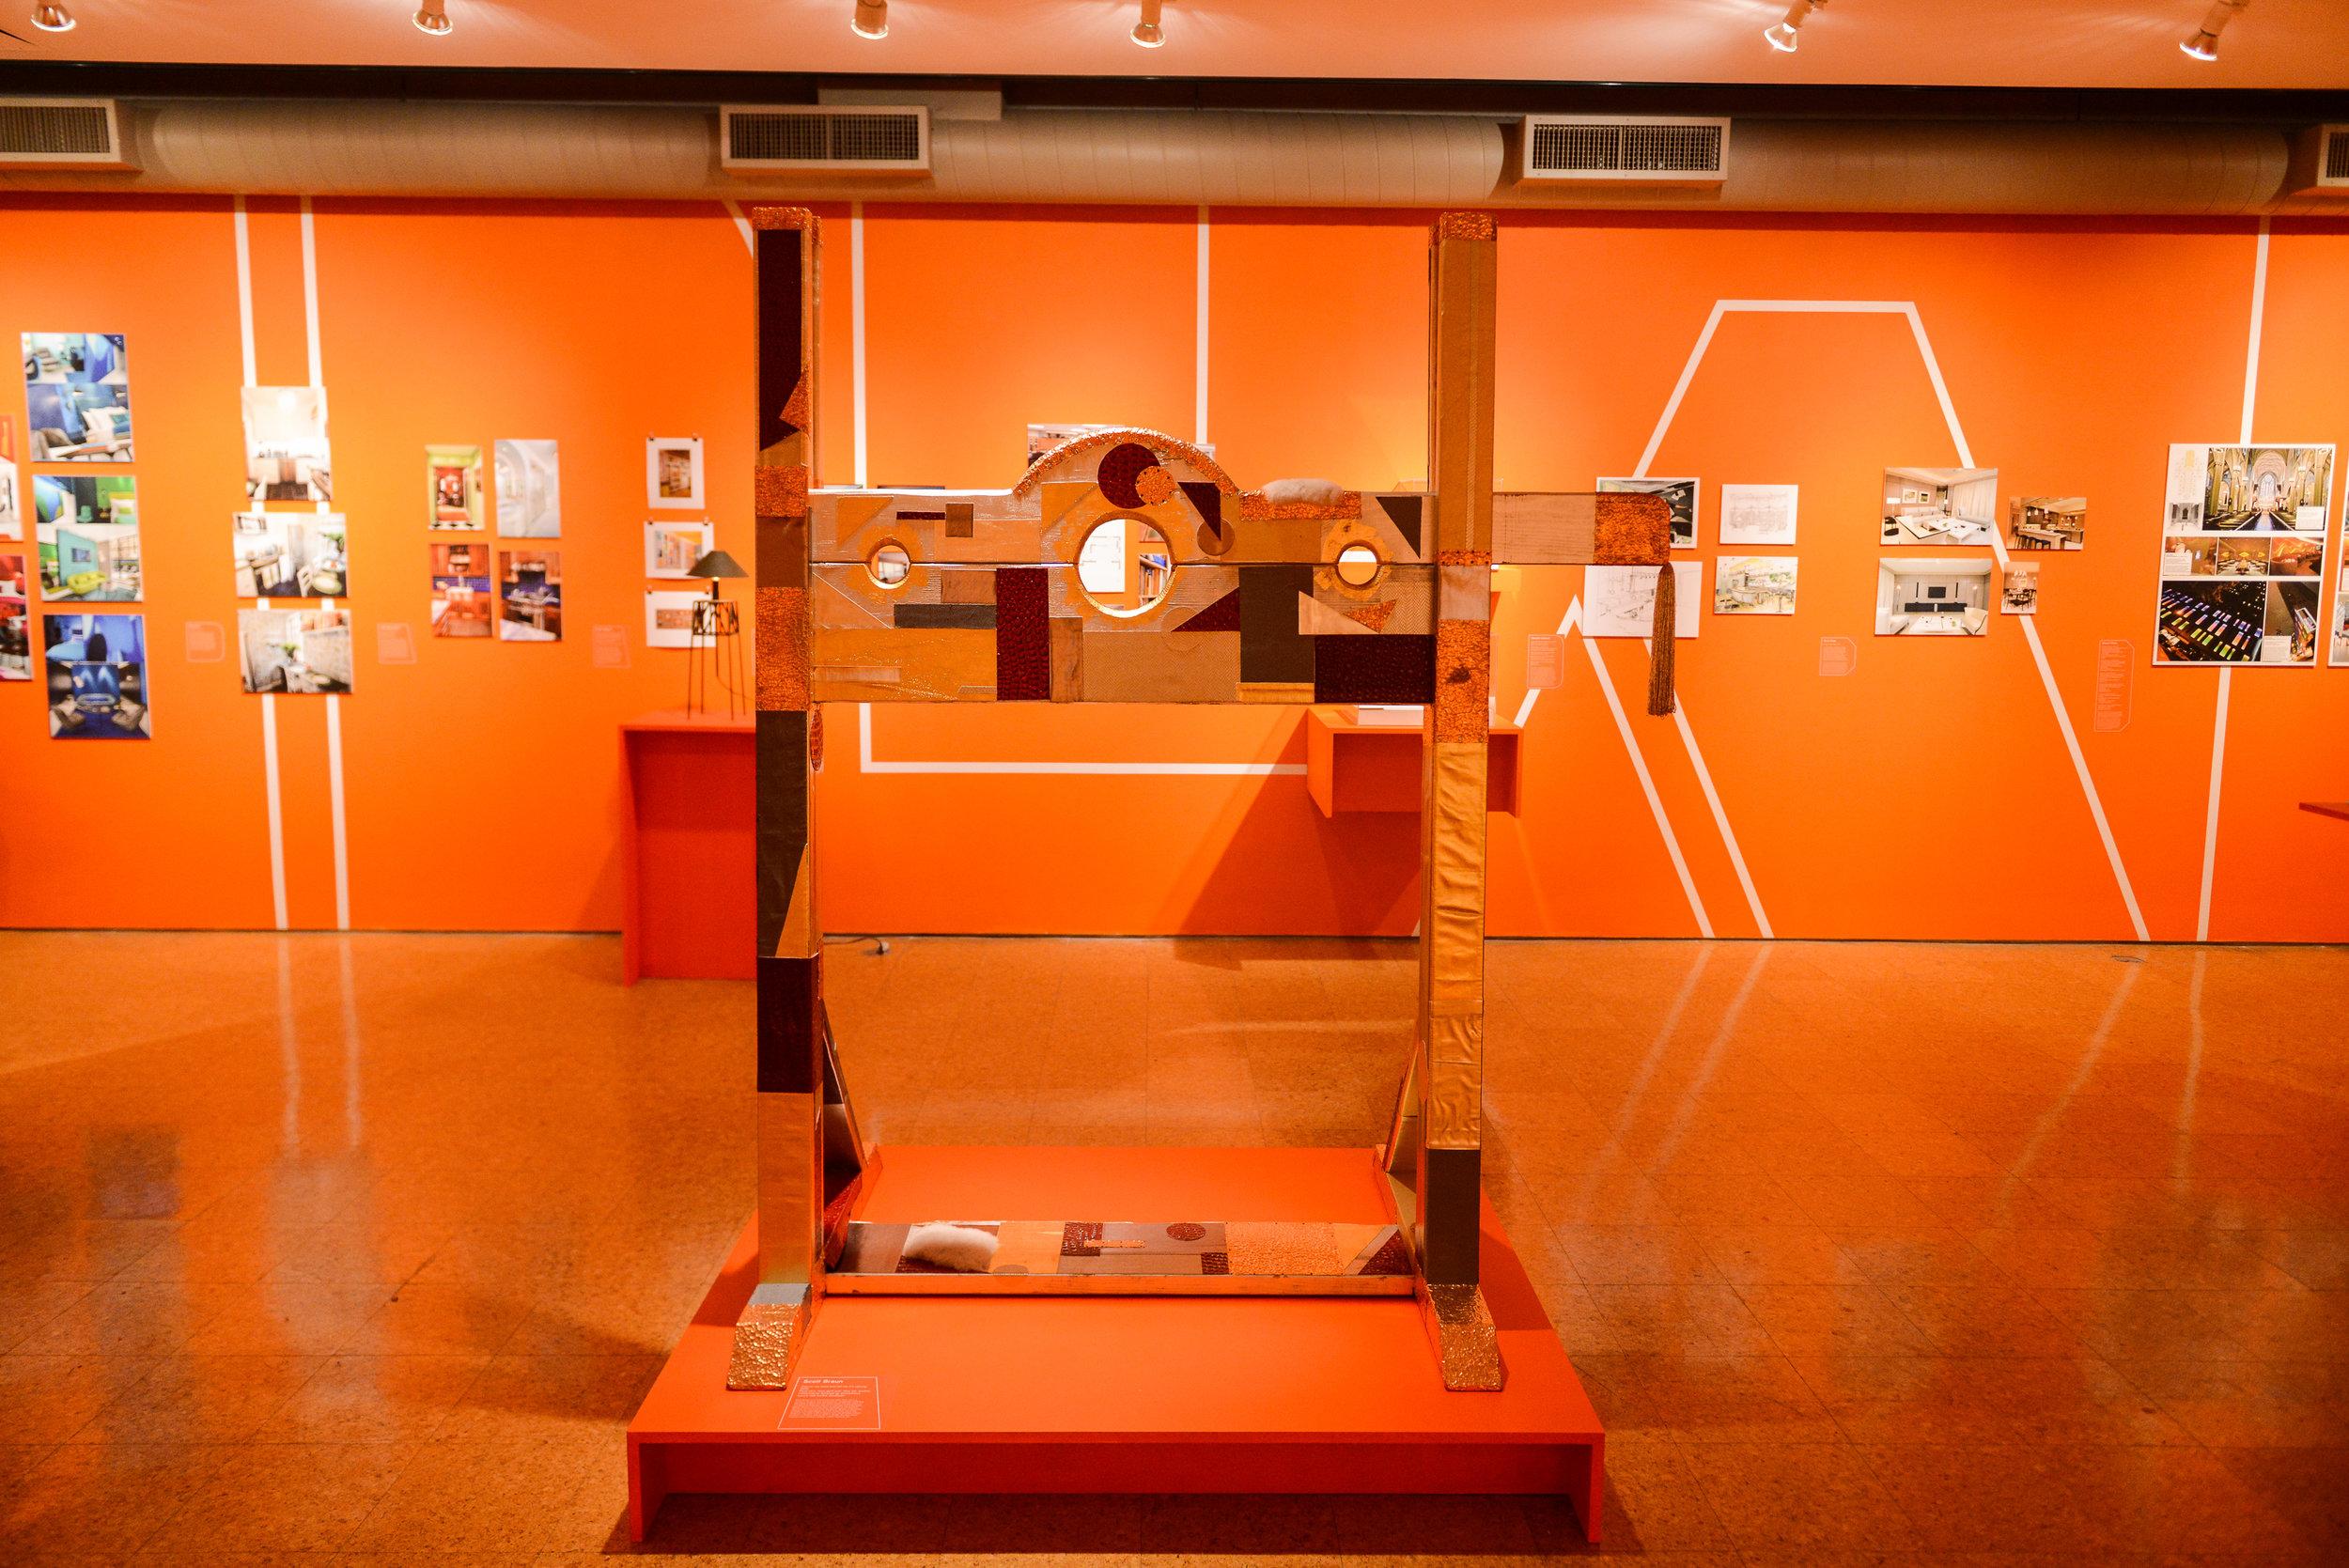 creative-scholarship-a-nysid-faculty-exhibition_36804089114_o[1].jpg